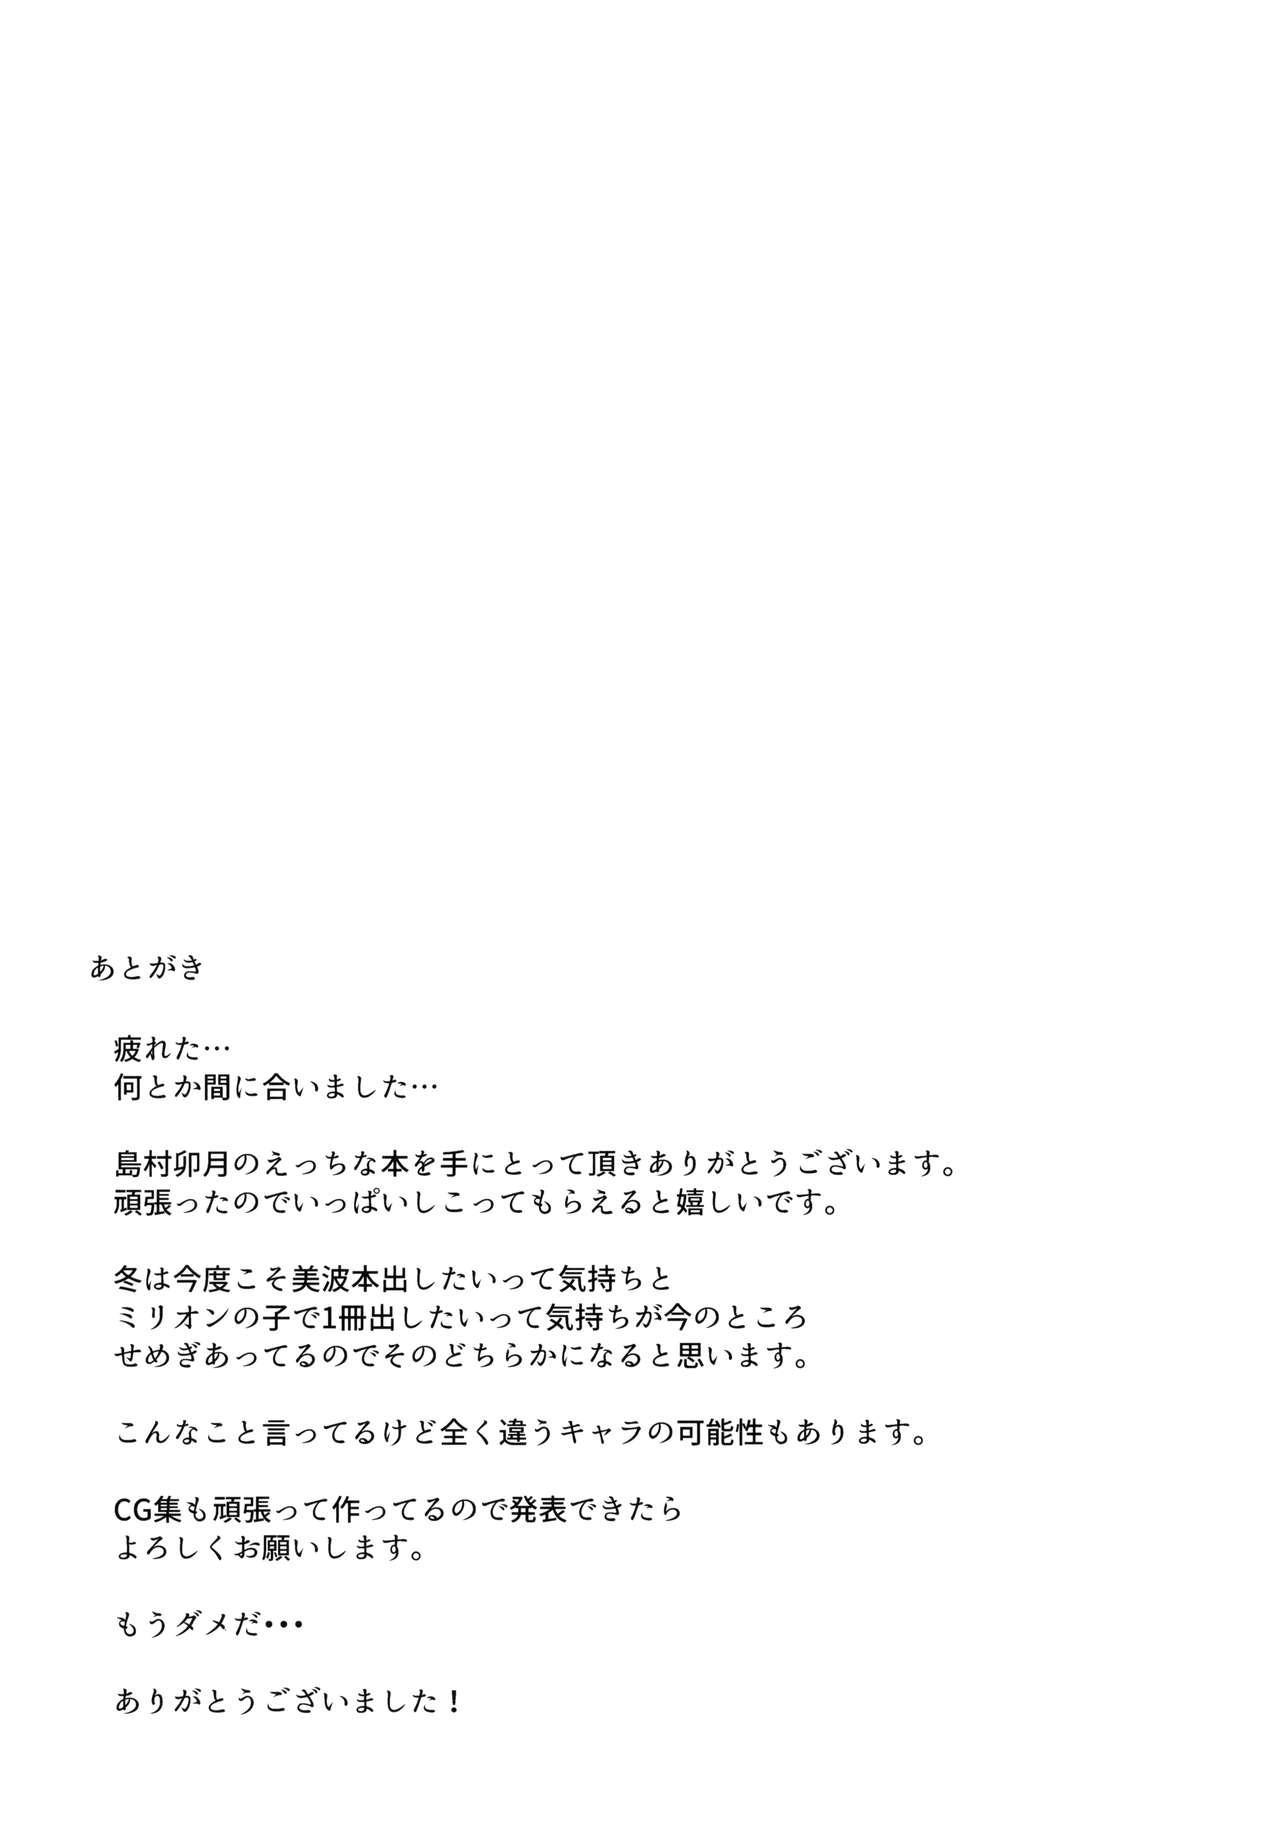 Shimamura Uzuki no Ecchi na Hon | Erotic Book of Shimamura Uzuki 24